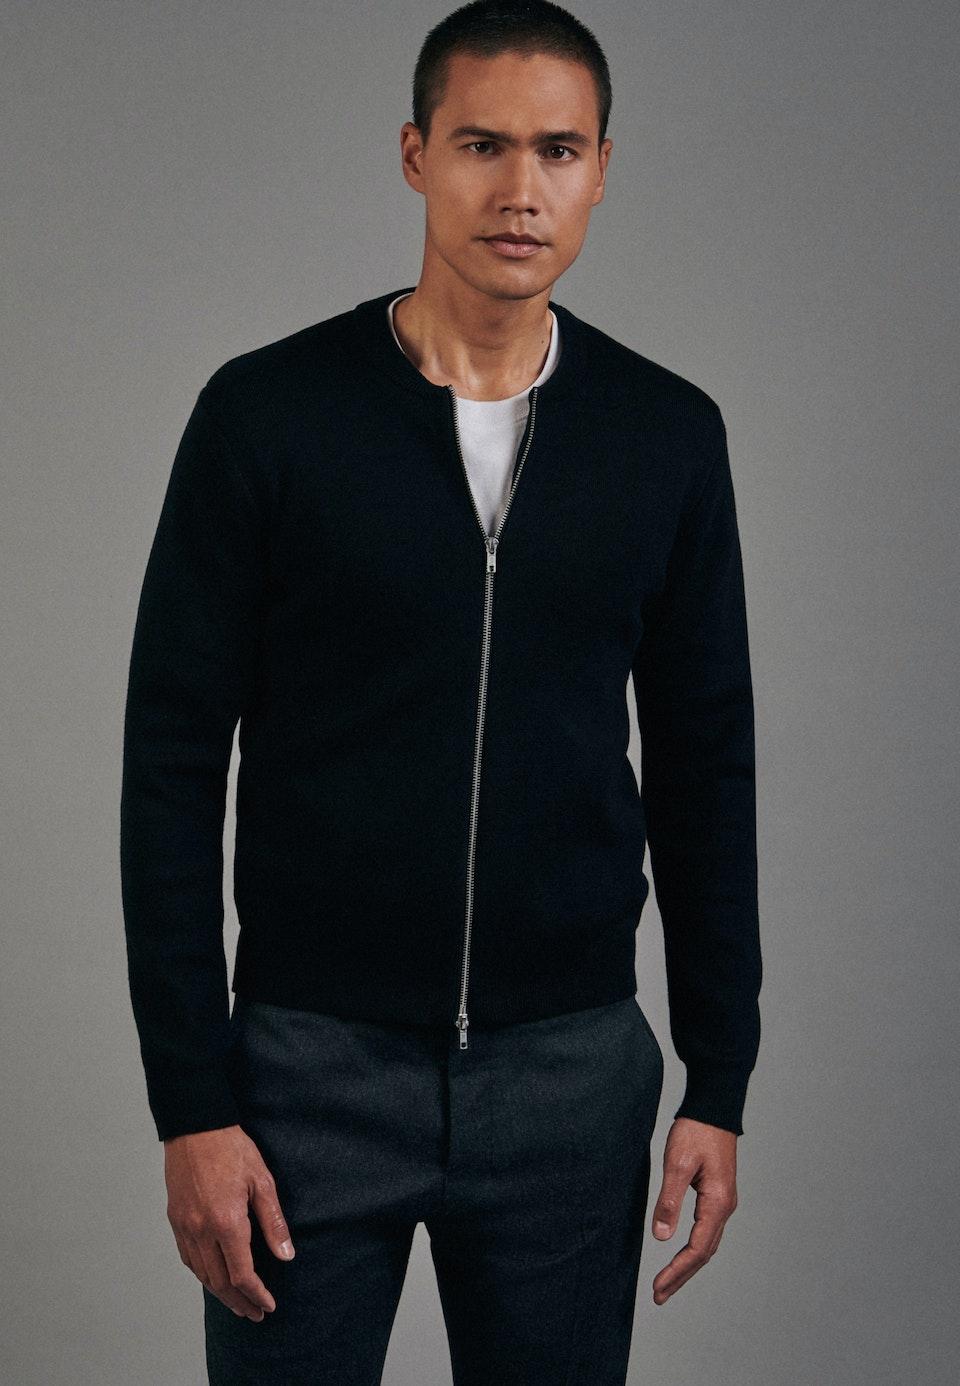 Rundhals Strick-Jacke 100% Baumwolle in Schwarz |  Seidensticker Onlineshop